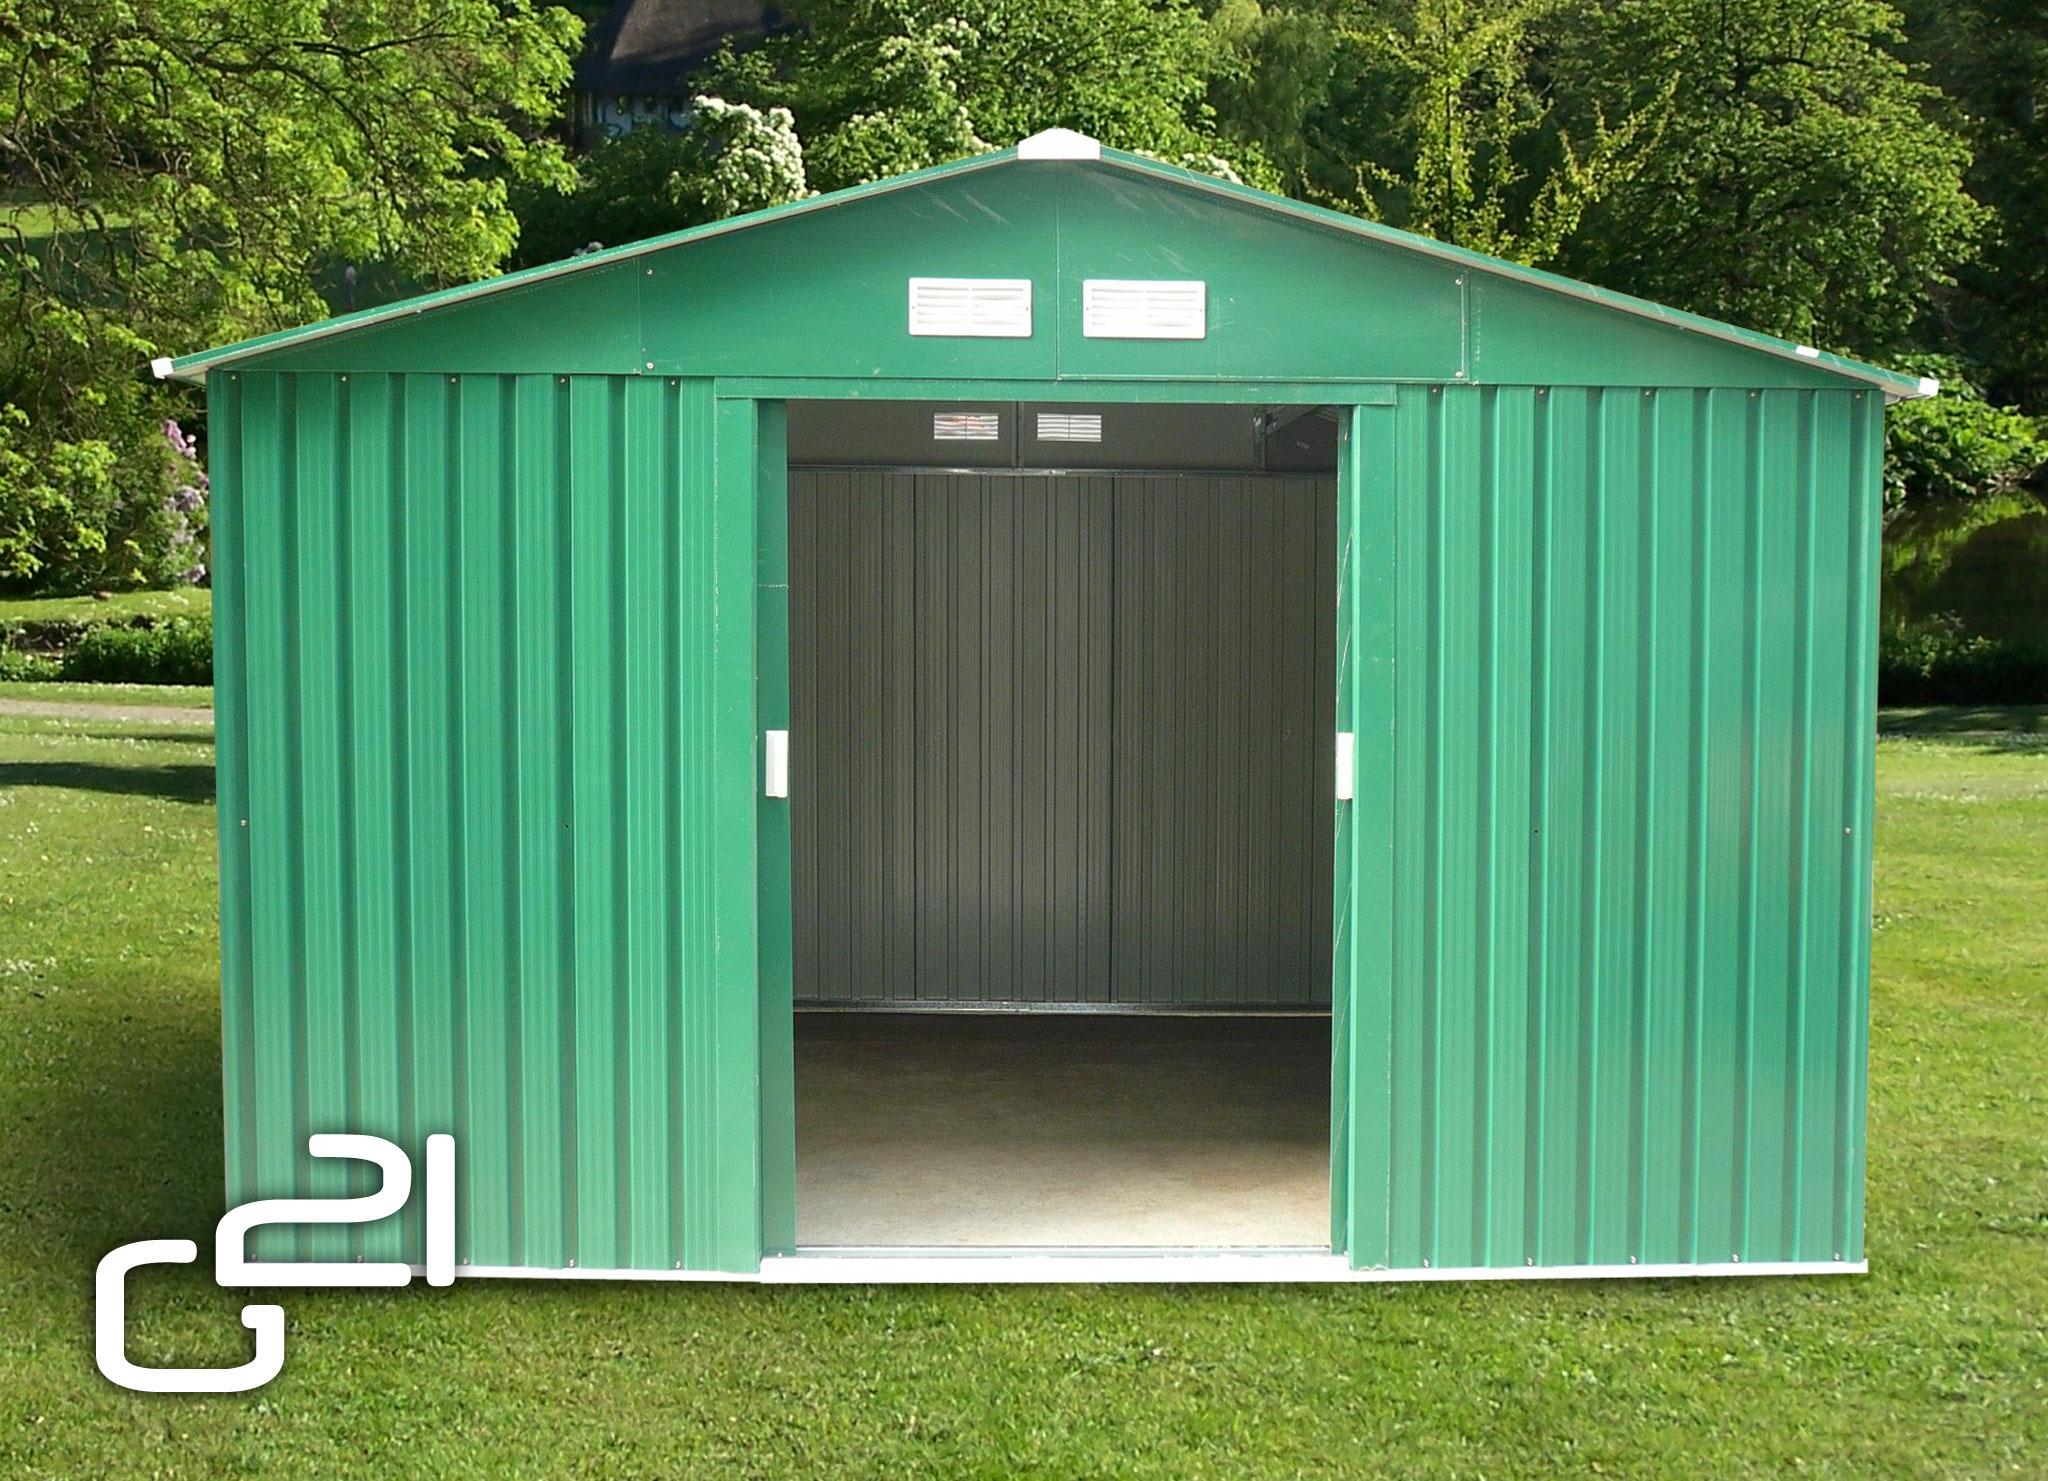 Zahradní domek G21 GAH 1092 - 311 x 351 cm - zelený